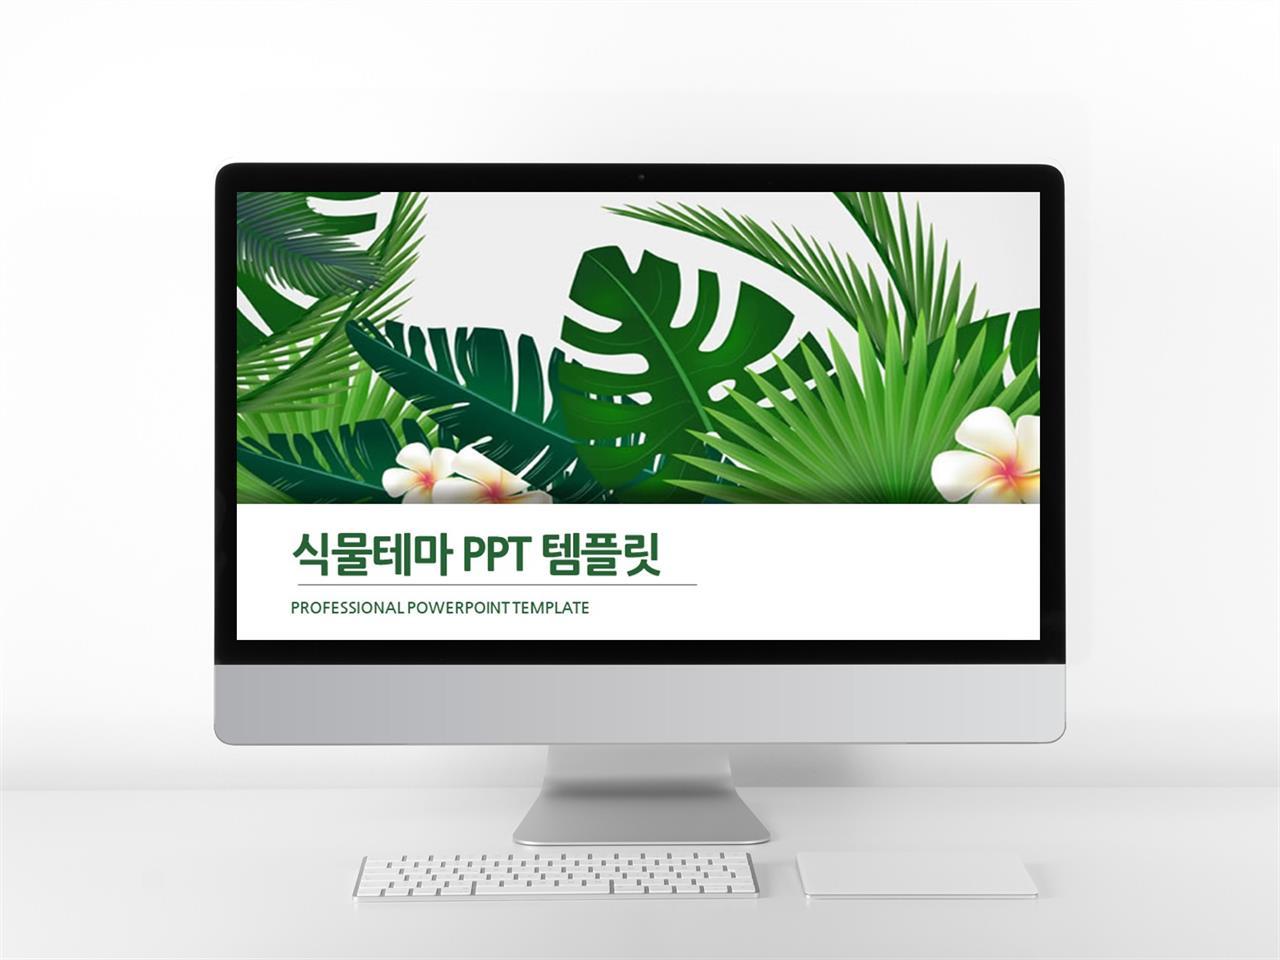 동식물, 애완동물 풀색 단정한 고급형 POWERPOINT템플릿 디자인 미리보기